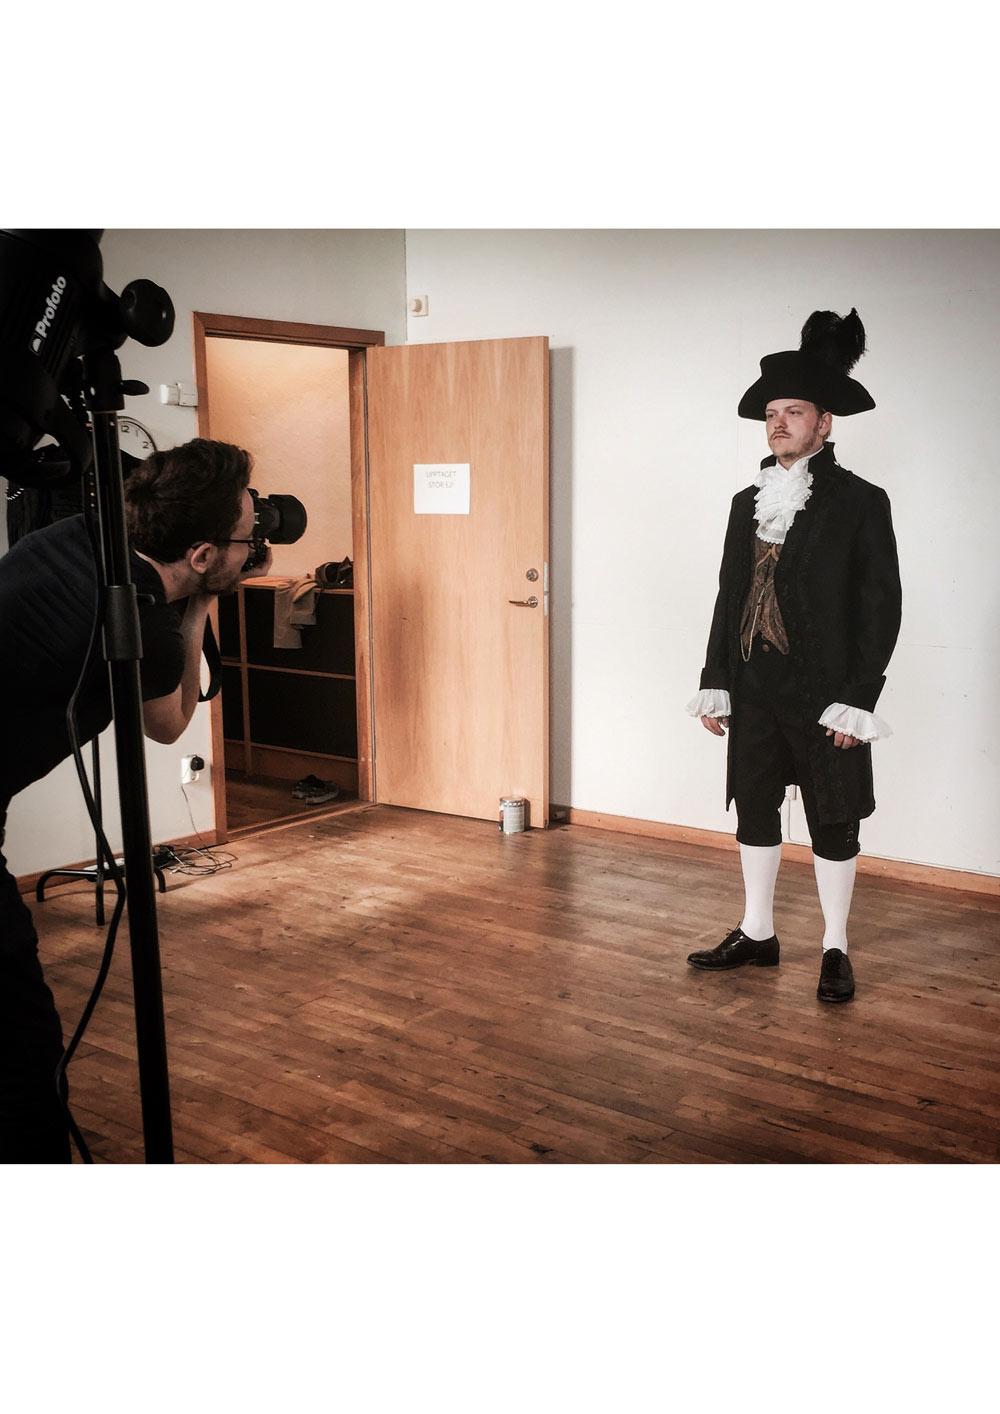 Historisk kostym 1800-tal 5 av 5